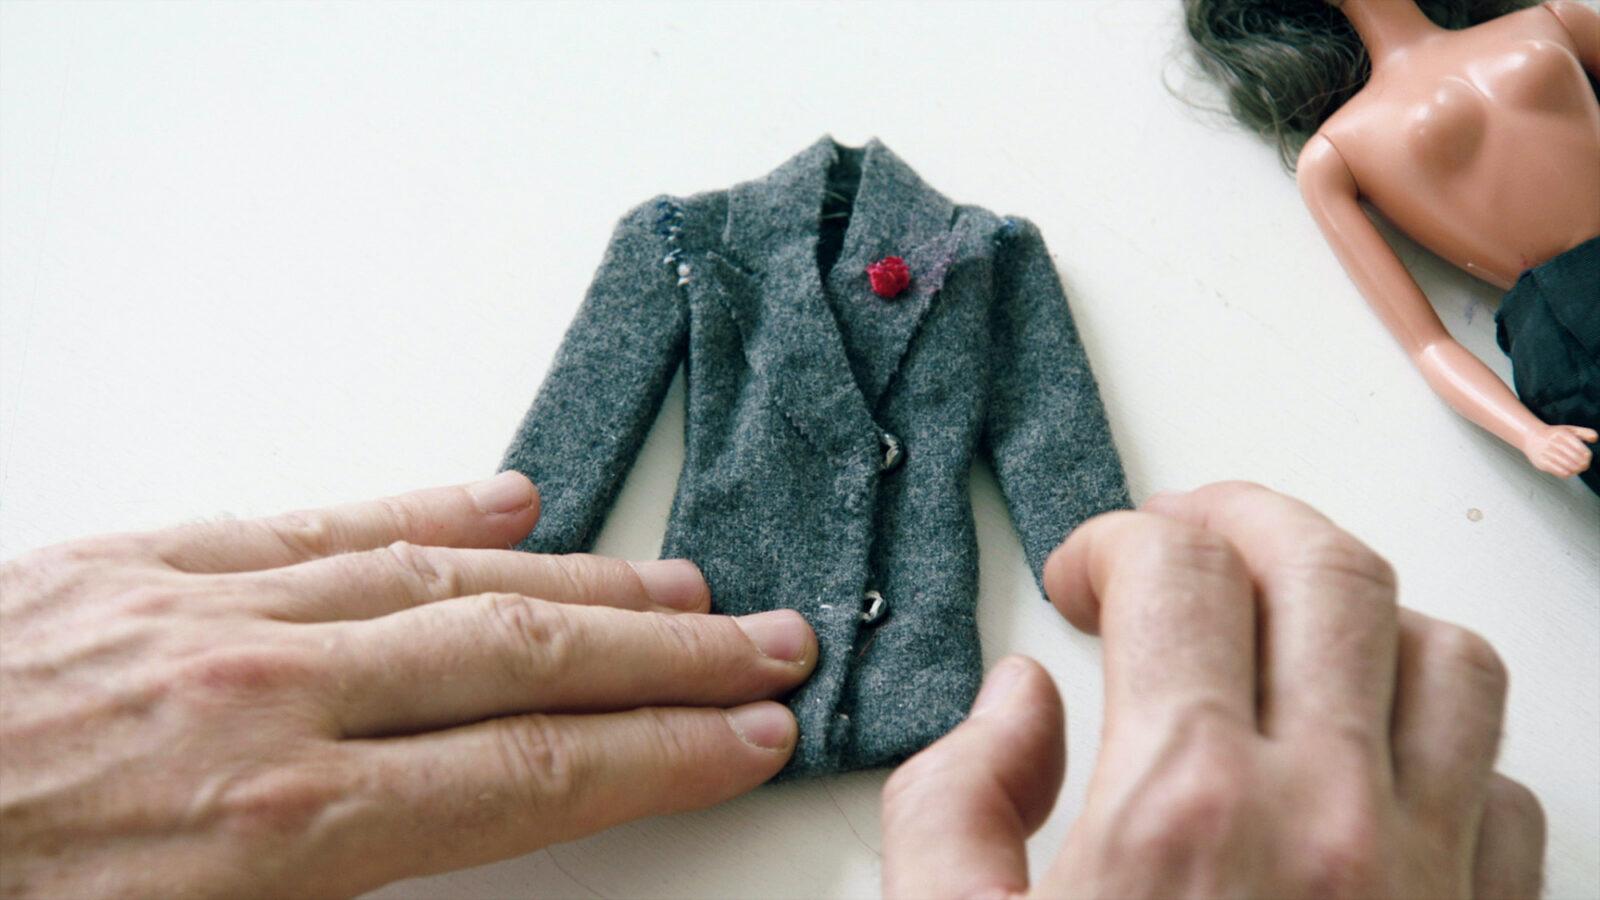 初めて作ったバービーのジャケットはサンローランを参考にした。©2019 Reiner Holzemer Film ‒ RTBF ‒ Aminata Productions